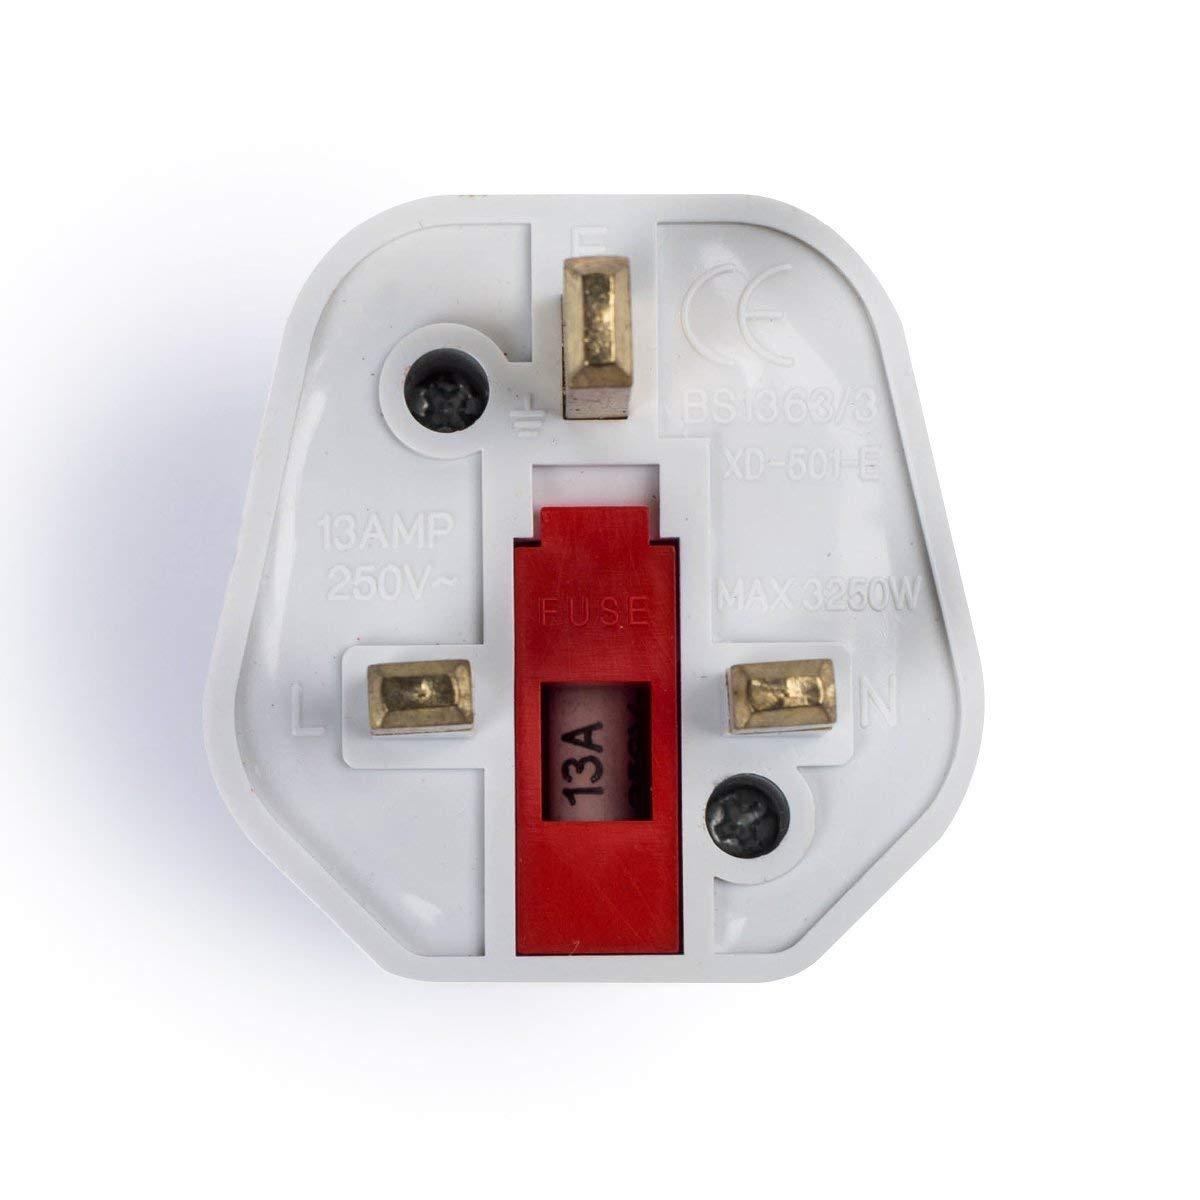 Adaptadores de Viaje Compactos para Inglaterra Negro+Blanco Enchufe de Viaje Plug Shuko EU a UK GB Inglaterra 2-Unidades iVoler 2 Patas Europa hacia 3 Patas RU -